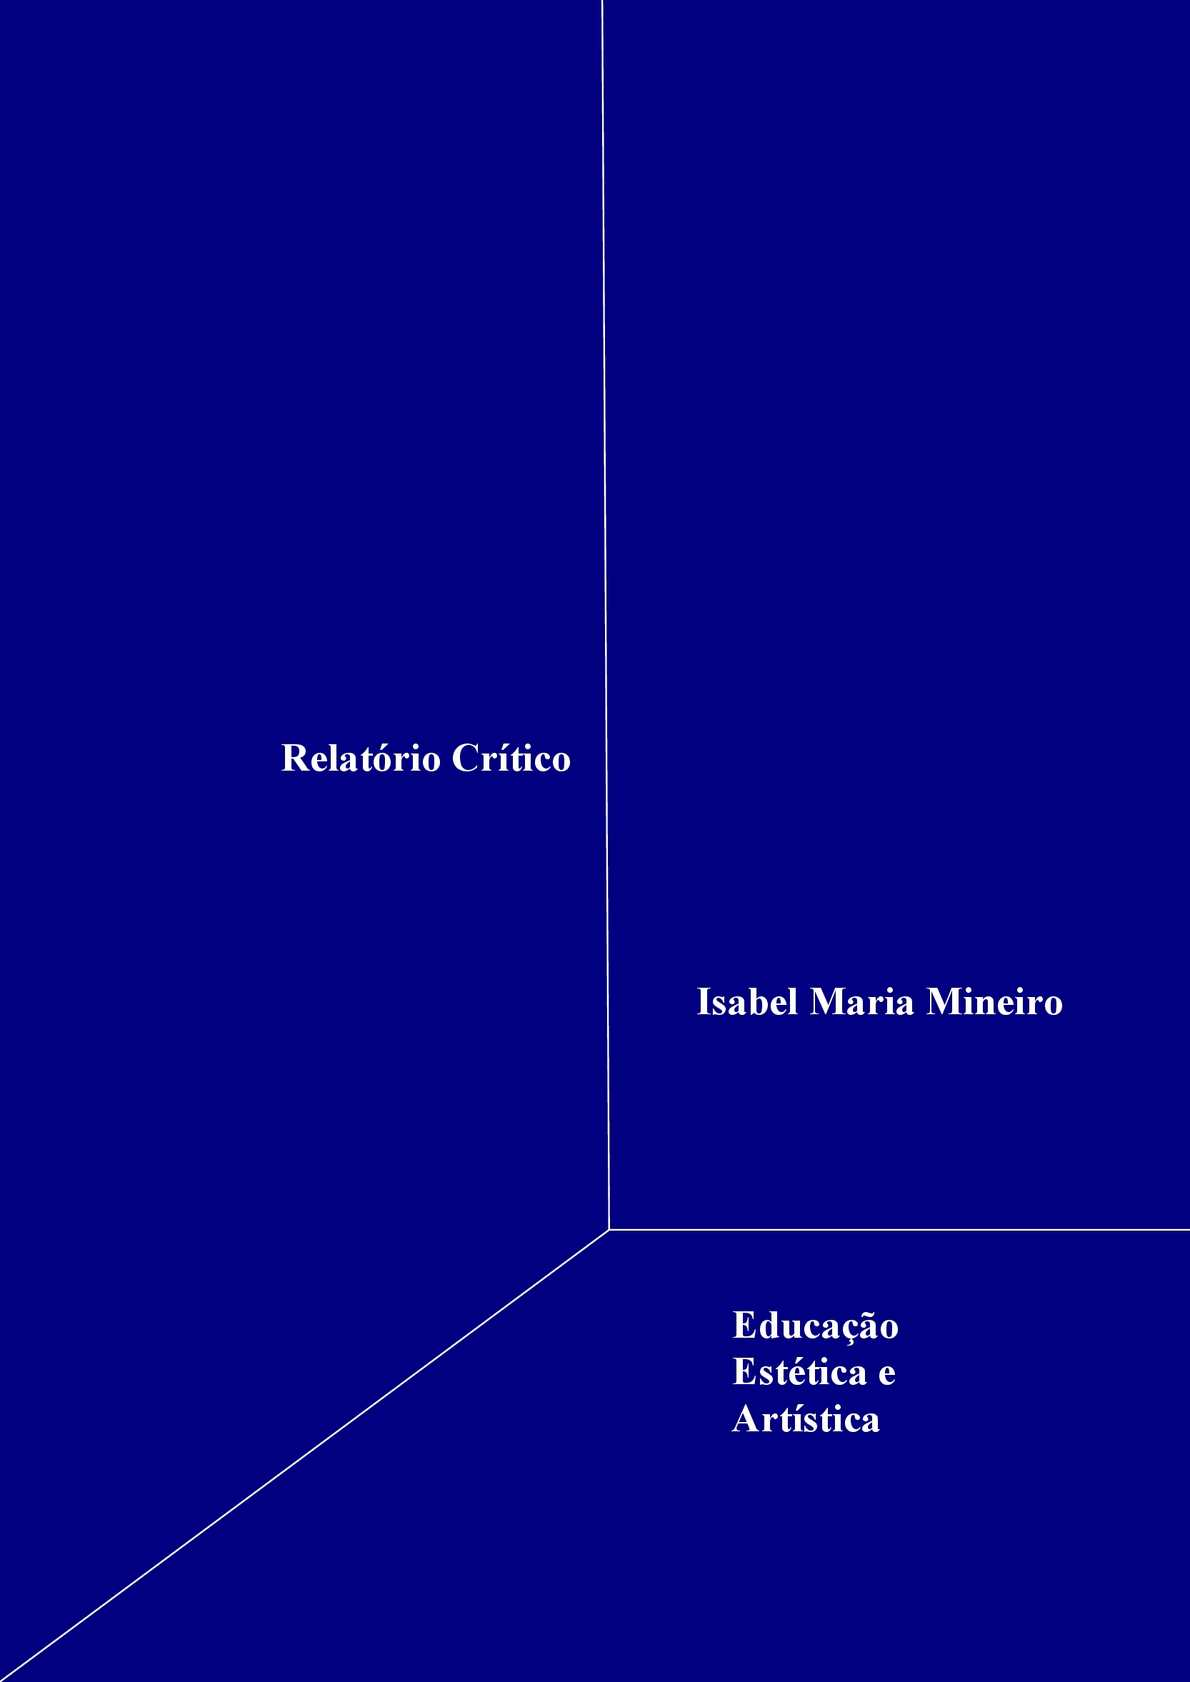 Formação em Educação Estética e Artística - Relatório Crítico